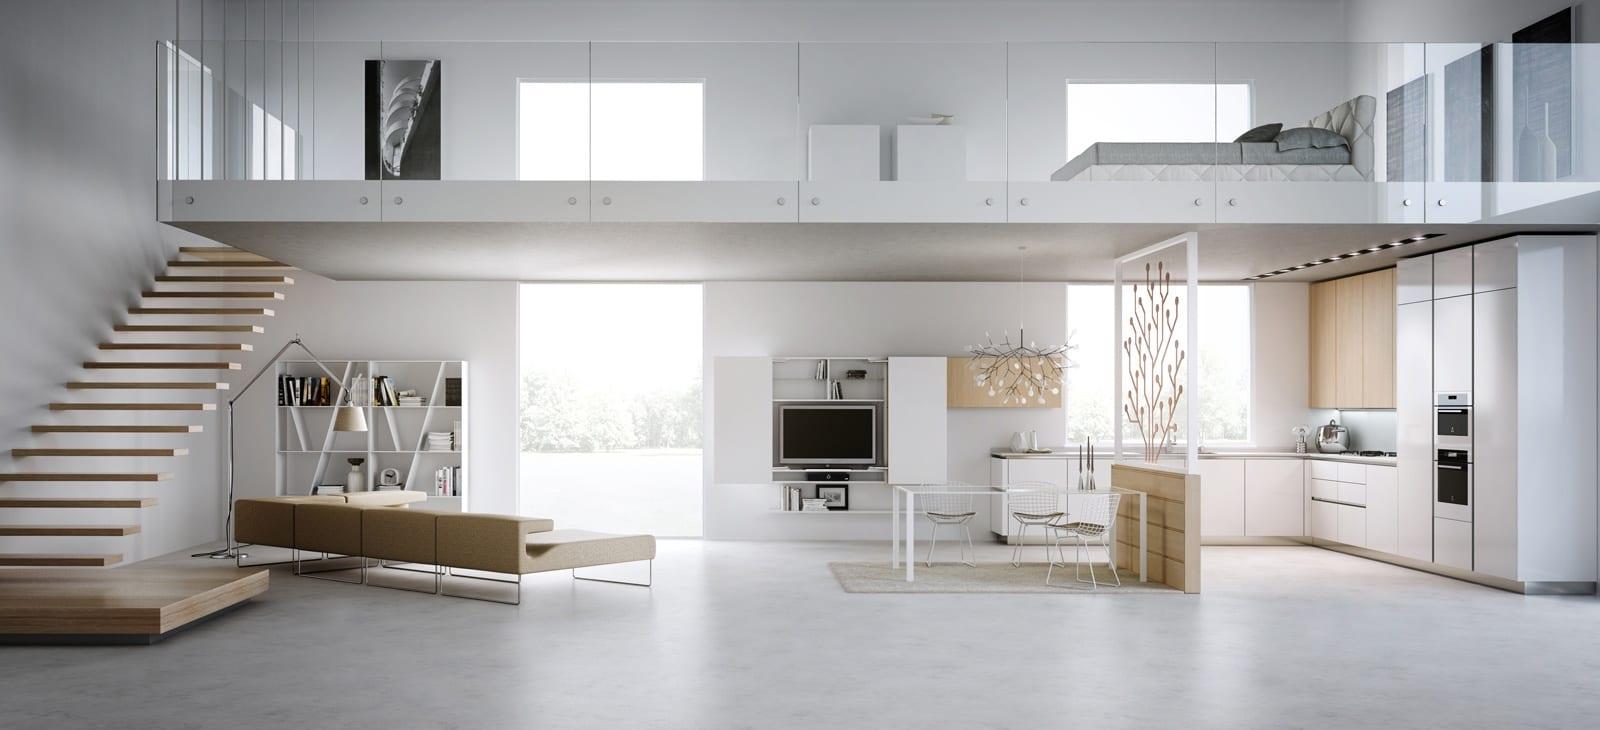 minimalistischer Loft in weiß mit Schrafbereich über dem Wohnbereich